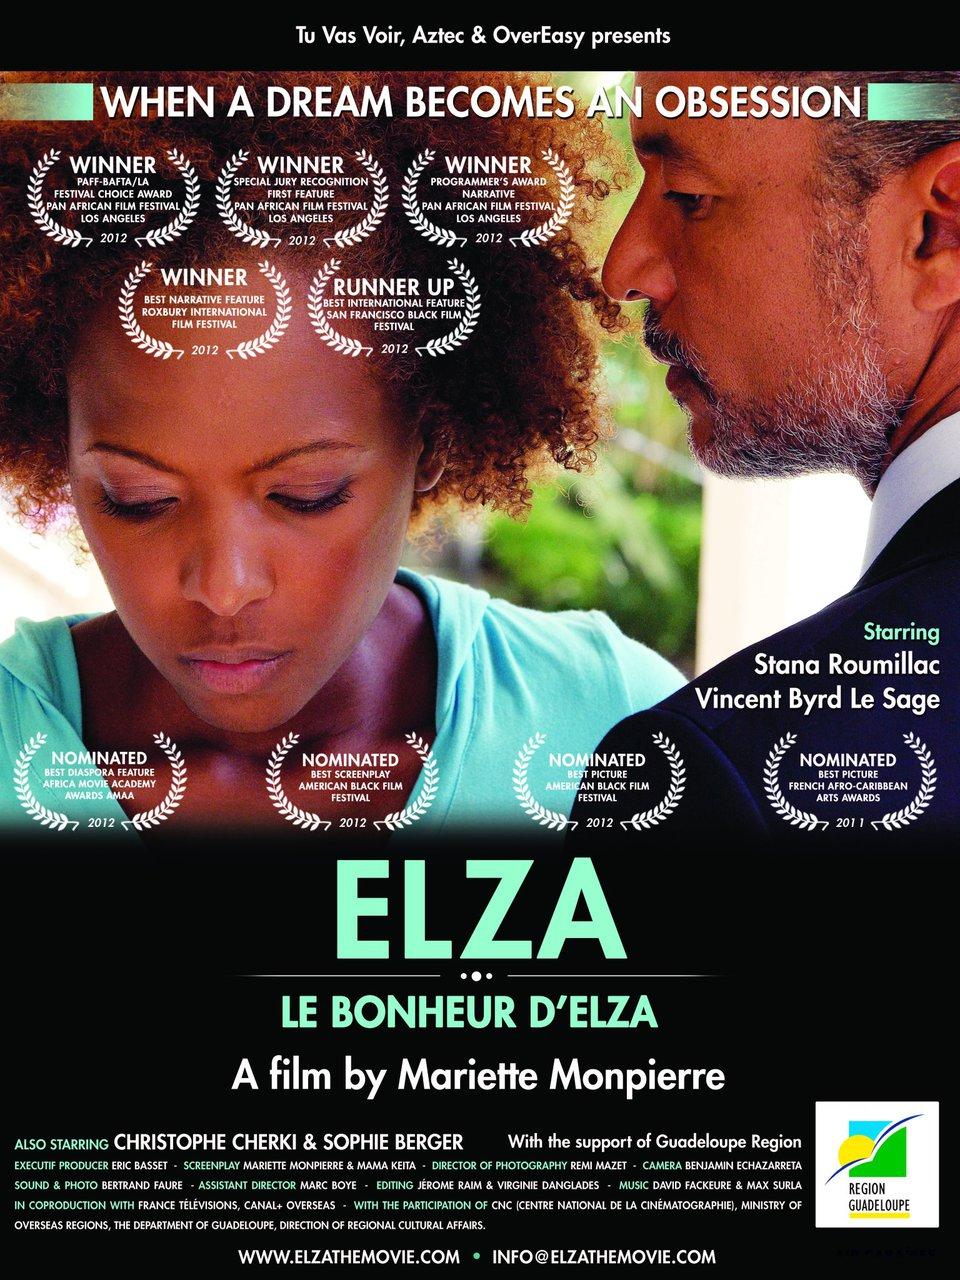 Все постеры Le bonheur d'Elza. Laurence Joseph. 2 из 3. Auriana